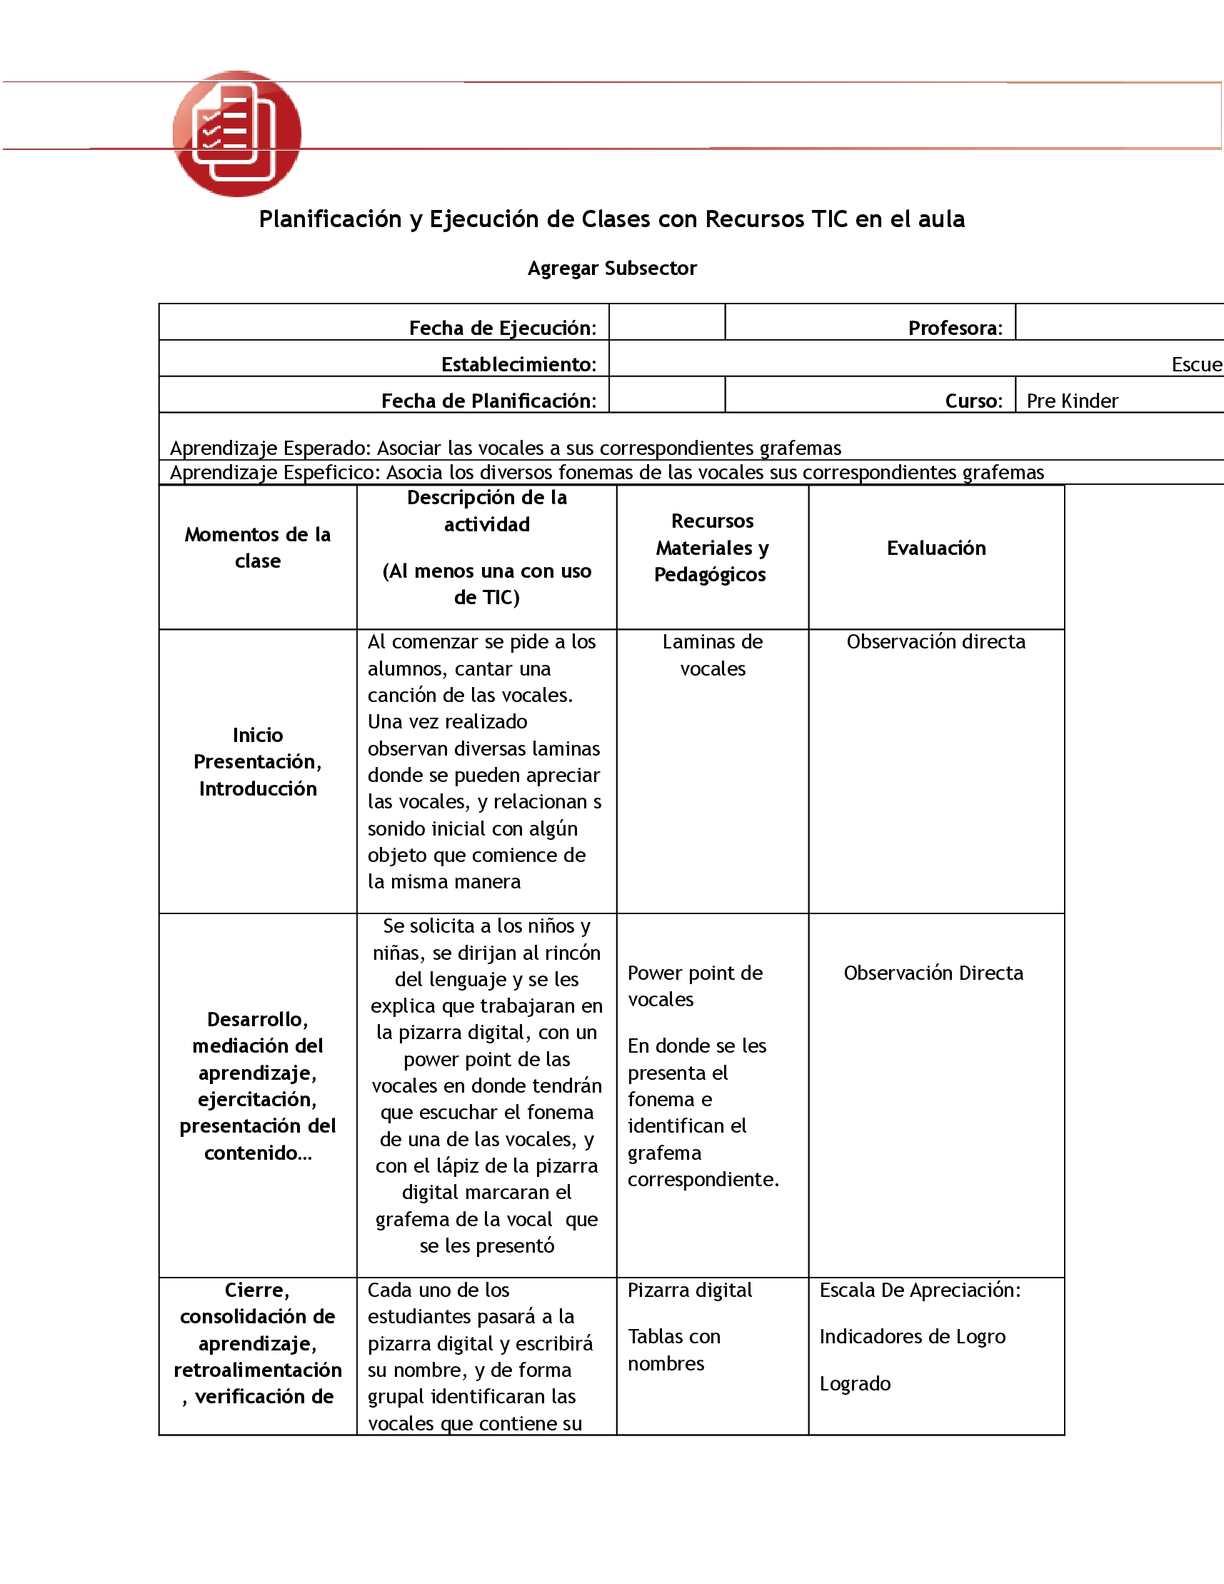 Planificacion de las vocales en educacion inicial for Planificacion de educacion inicial